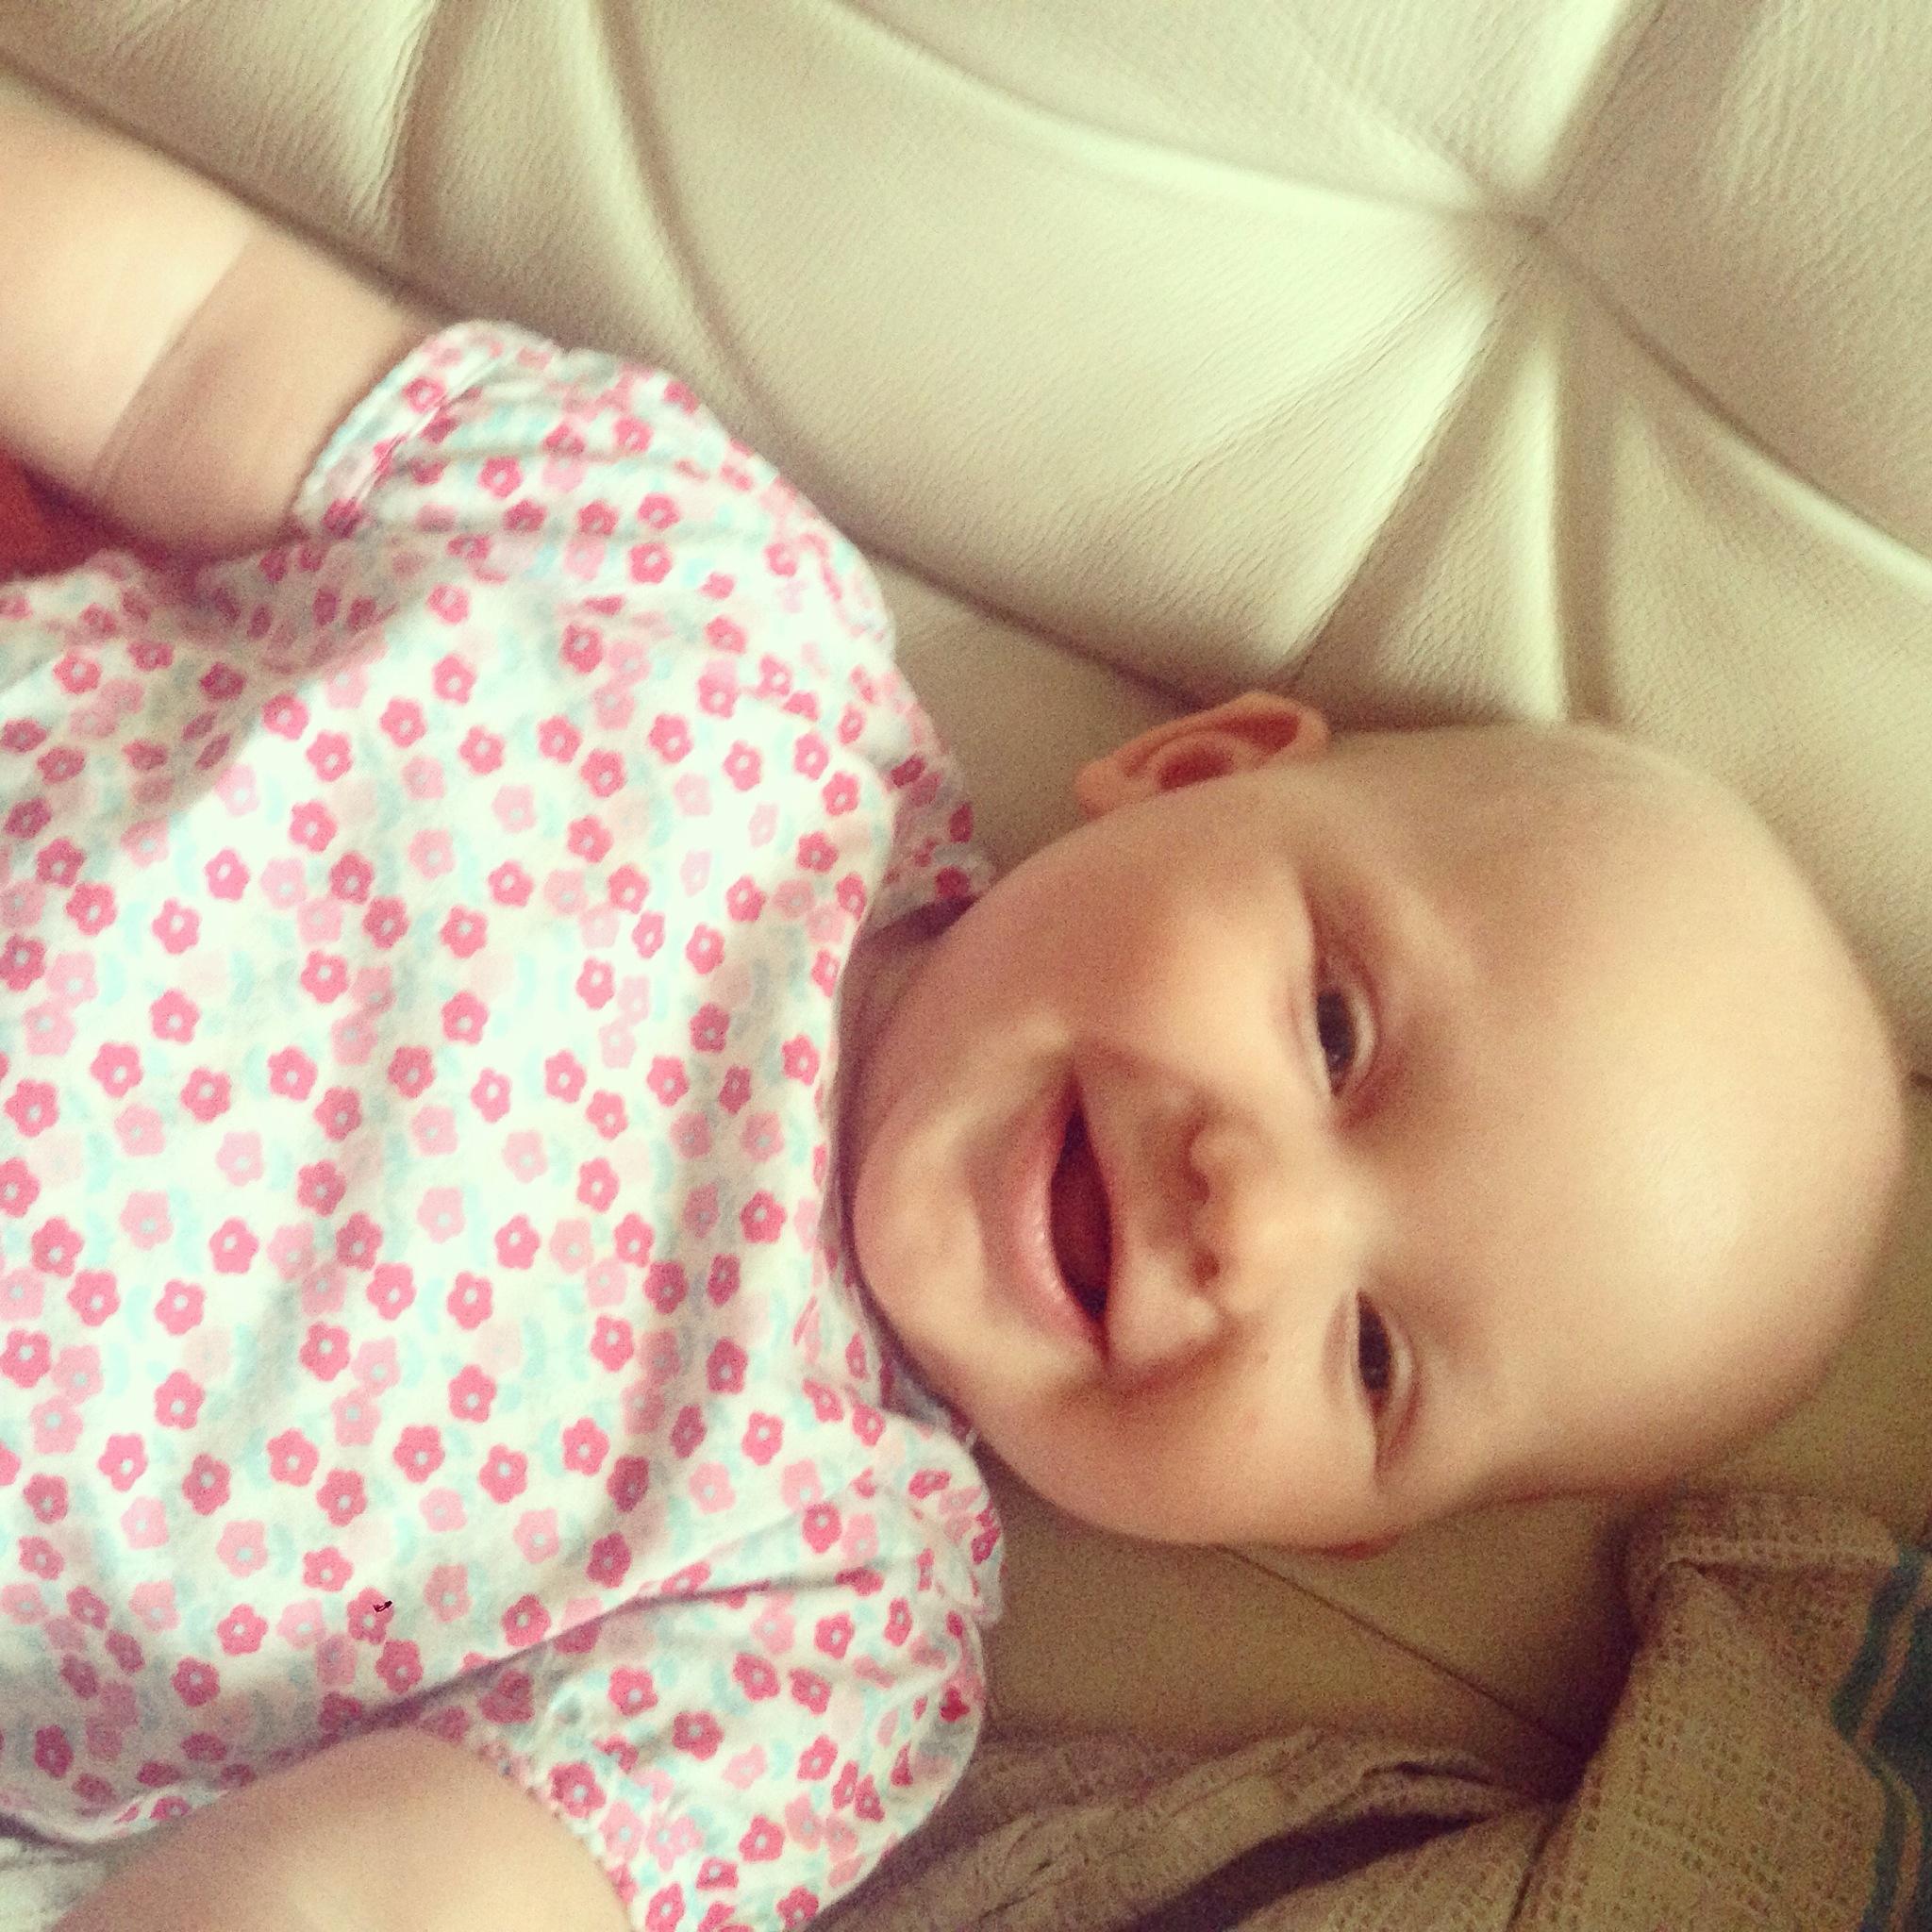 Ondanks dat ze deze week wat jongeling is, kan er gelukkig wel altijd een lach vanaf